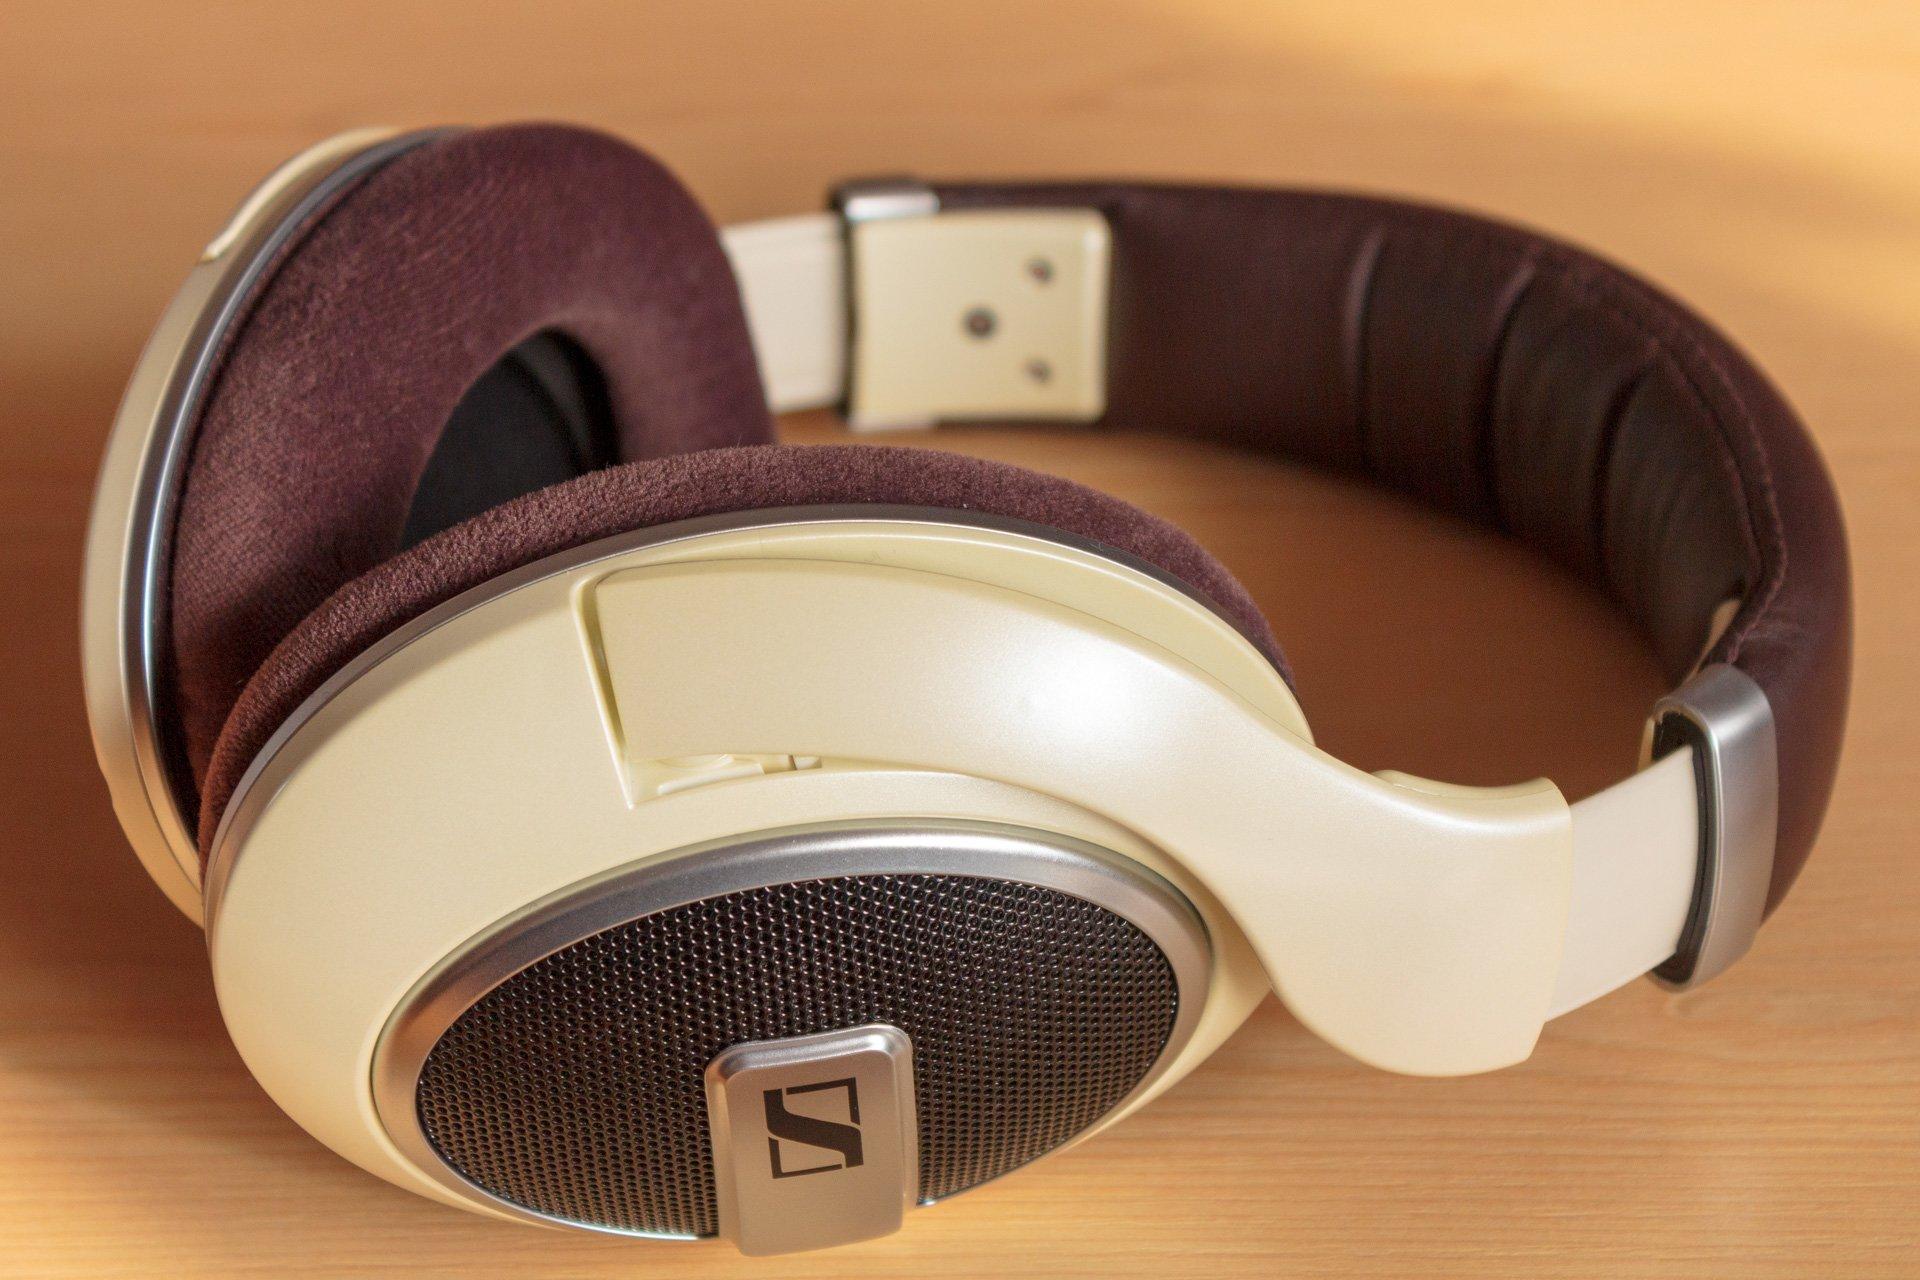 Recenzja Sennheiser HD 599. To prawdziwe słuchawki dla melomana! 21